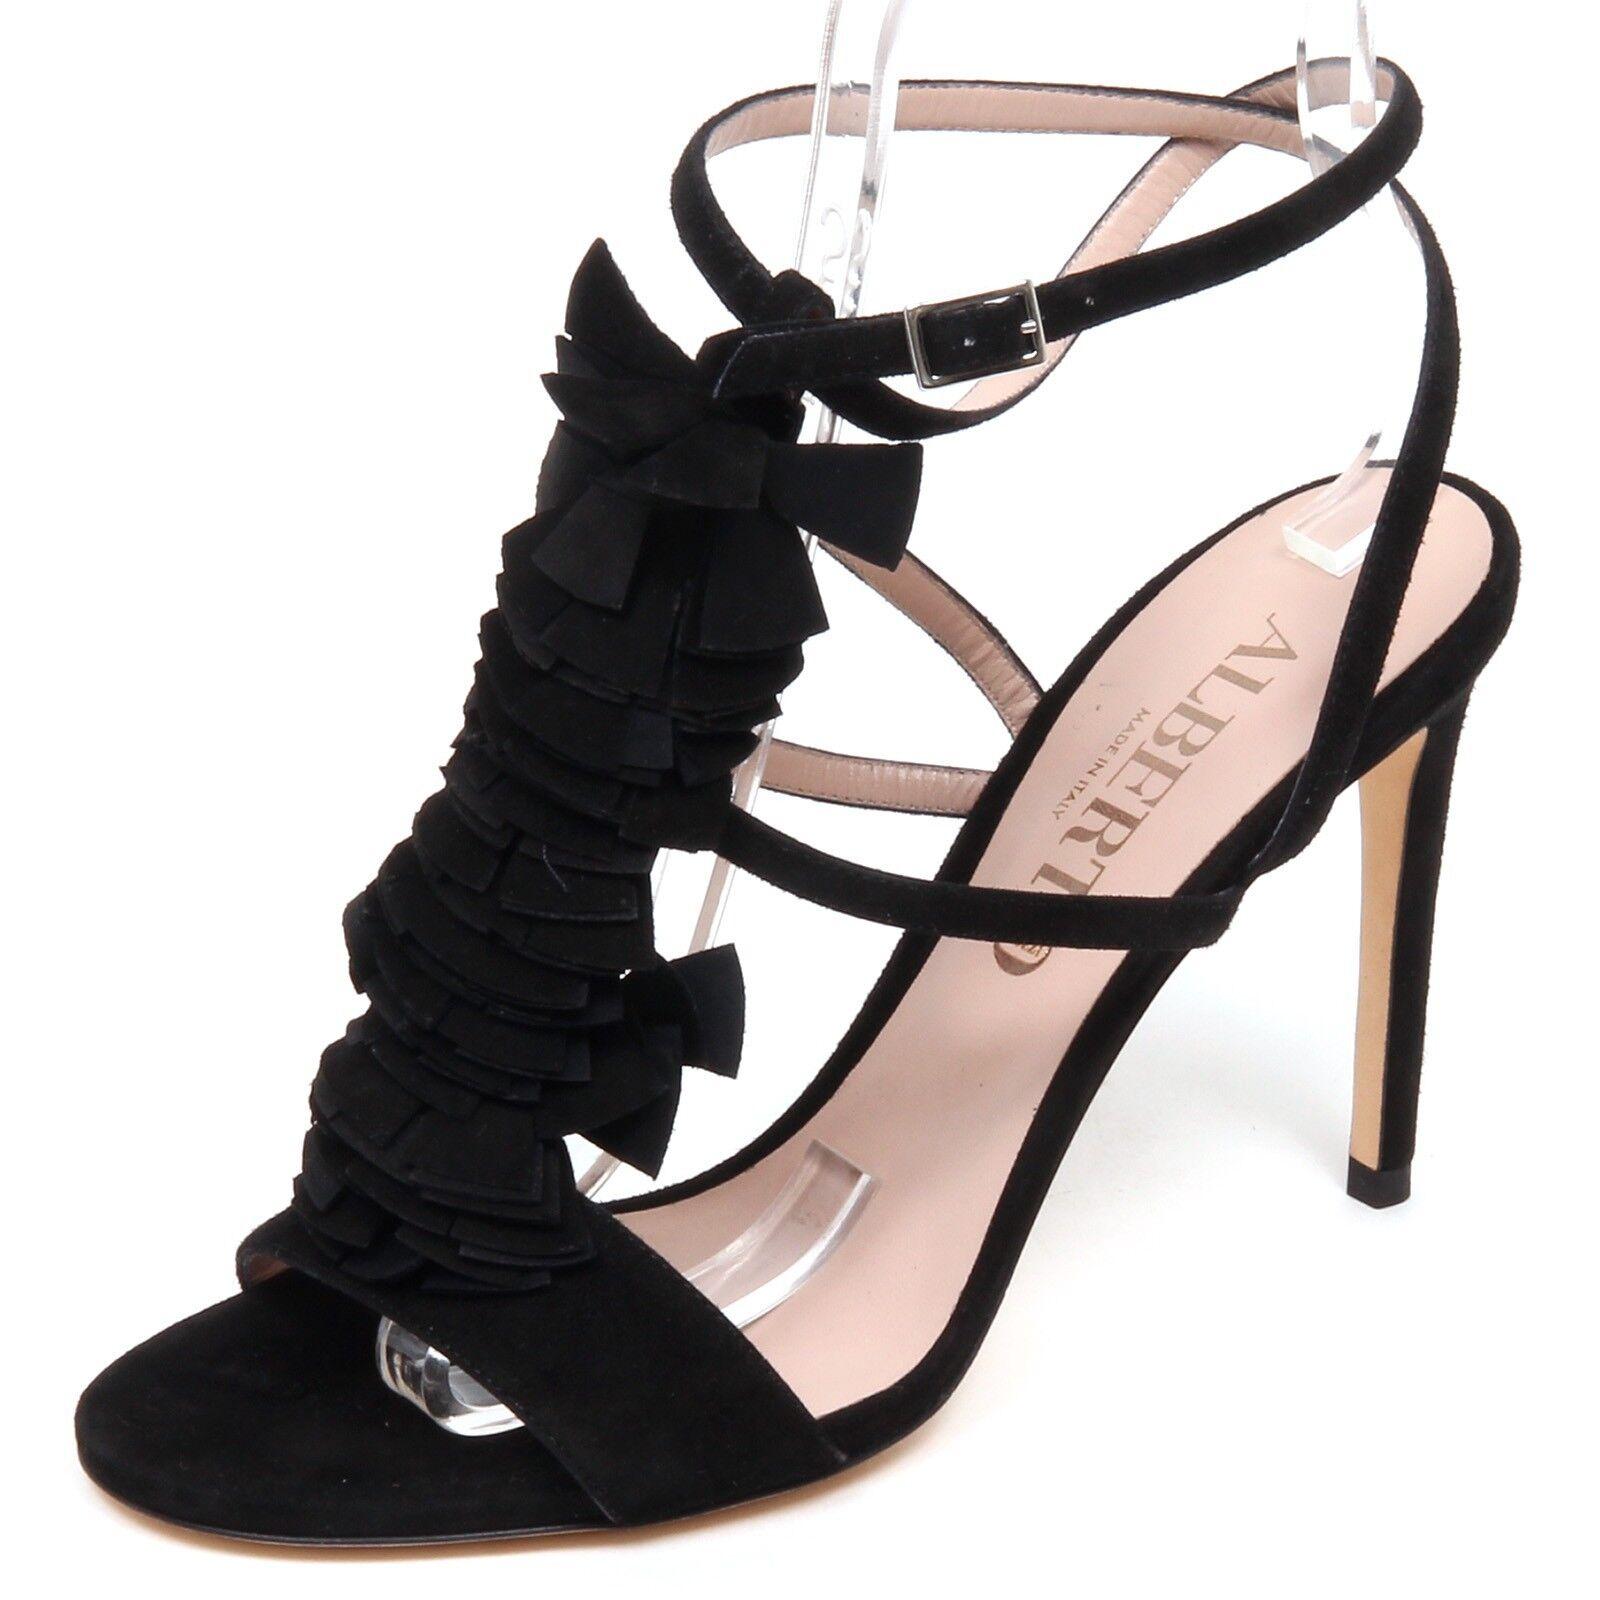 F1810 Sandalo mujer Negra Sandalia Zapato De Gamuza Alberto Gozzi zapatos Mujer